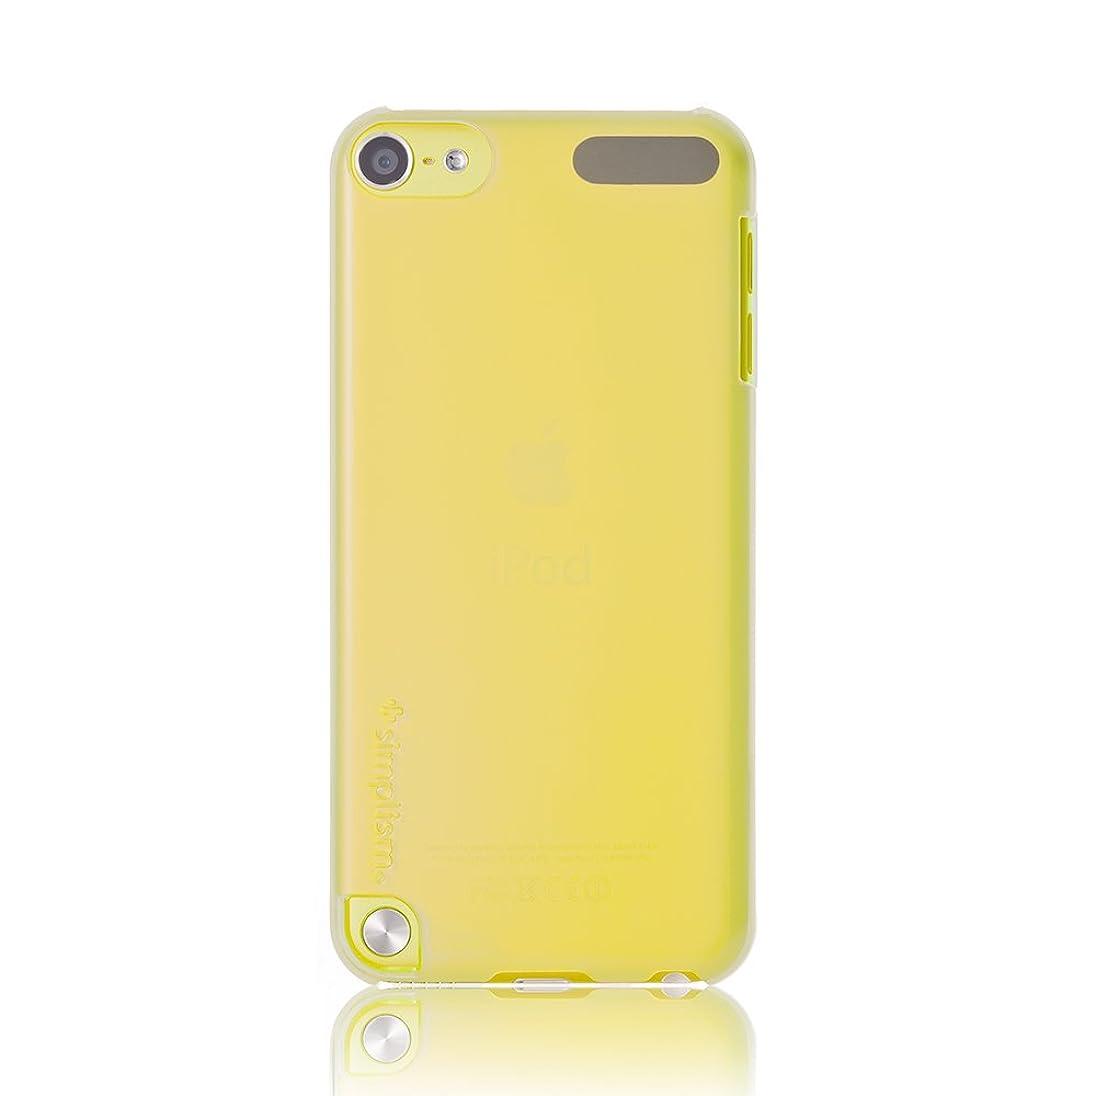 スズメバチラウズブランチSimplism iPod touch (5th) ハードカバー Loop対応 傷防止UVコーティング 液晶保護フィルム付属 抗菌仕様 イエロー TR-CCTC12-YL